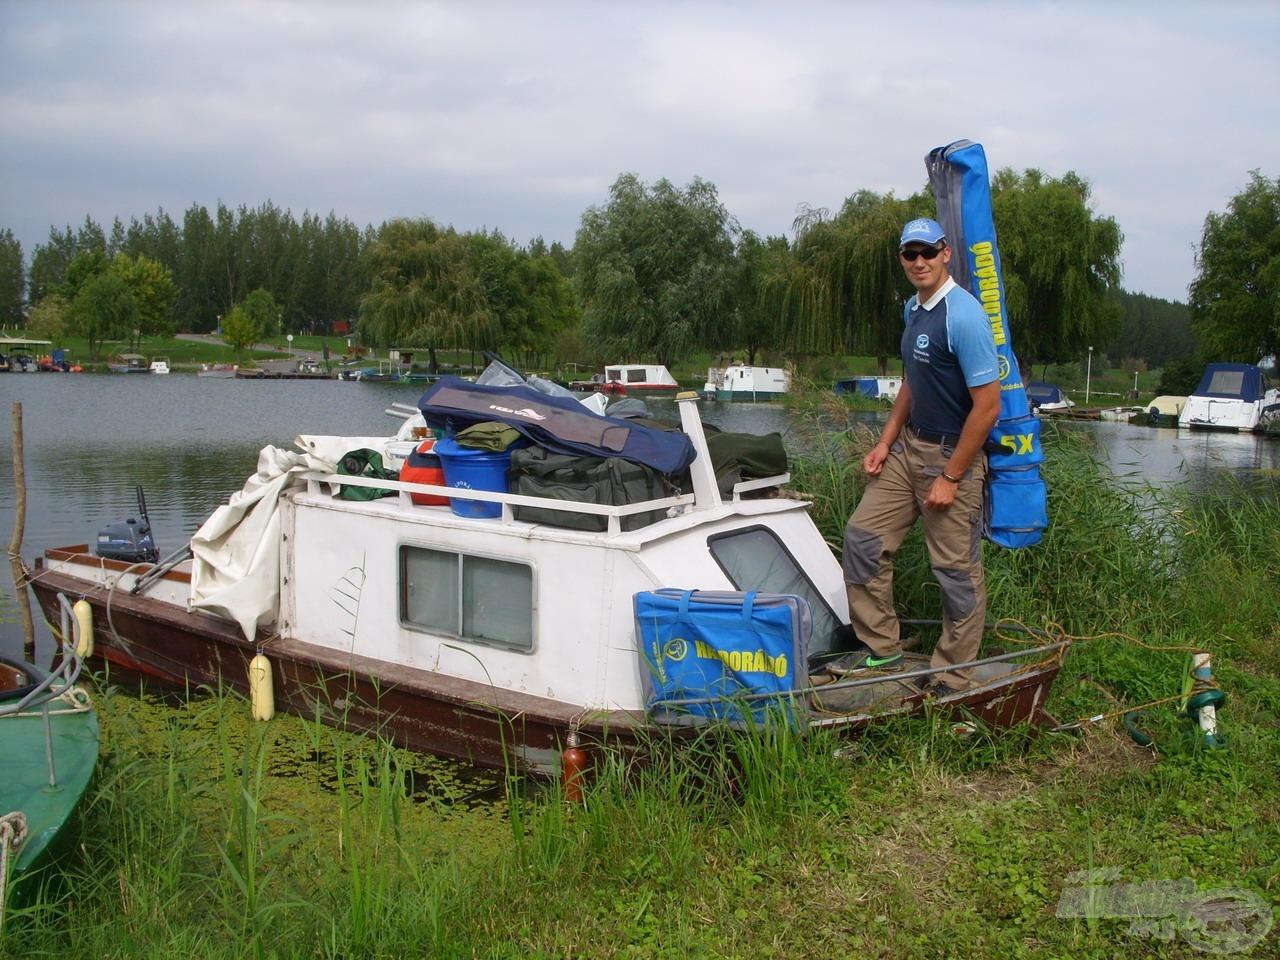 Kocsiból ki, hajóra fel… Végre minden felszerelés elfoglalta a helyét, indulás horgászni!